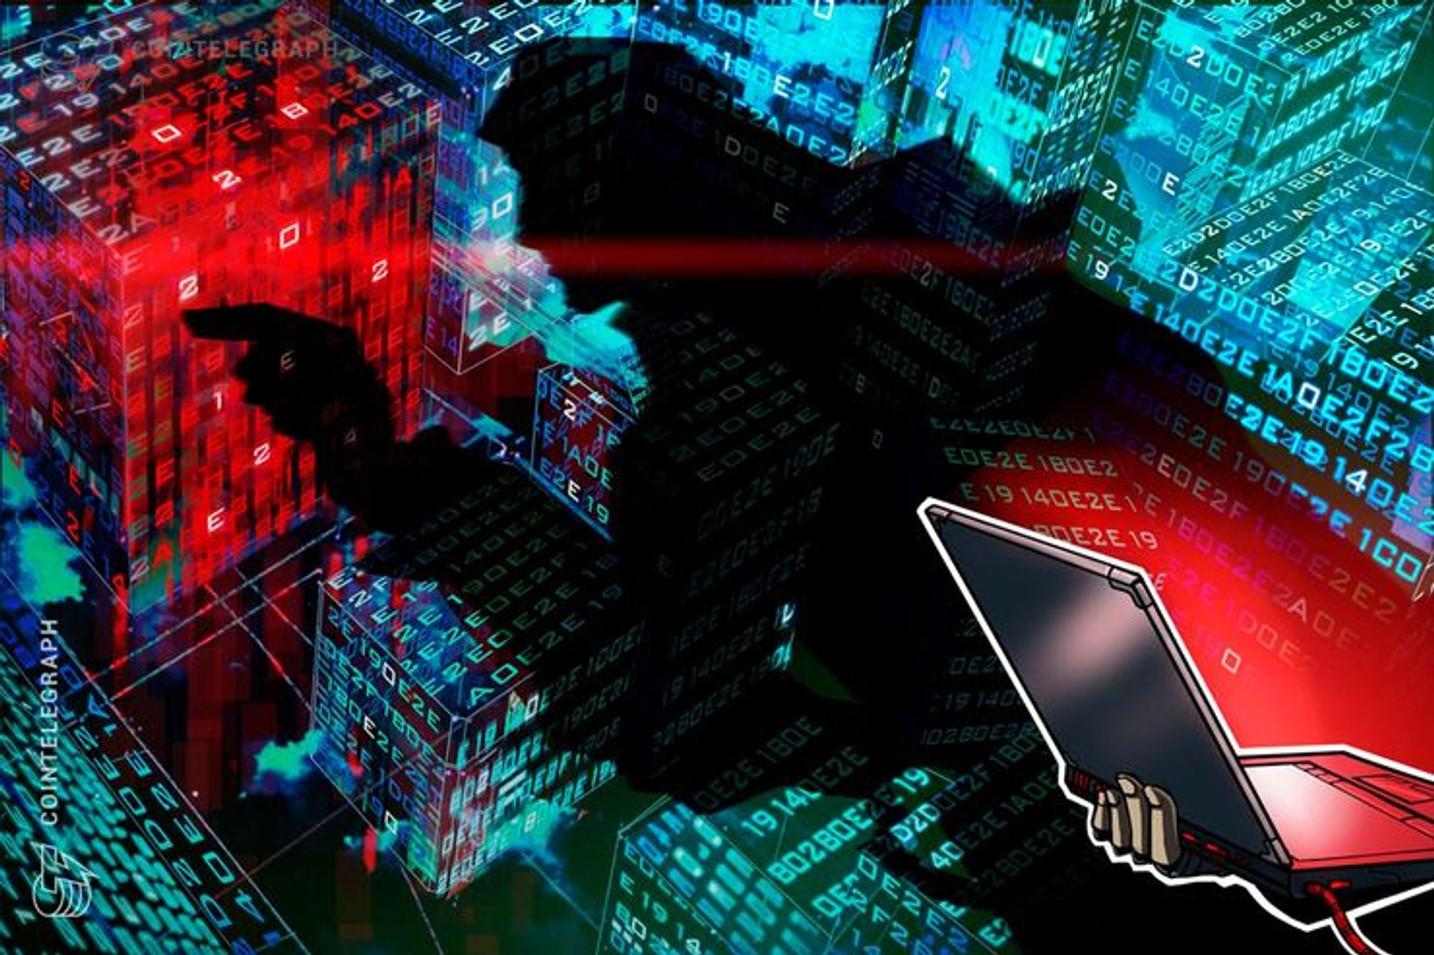 Prefeitura de Barrinha (SP) restabelece controle de parte dos sistemas depois de invasão de hackers pedindo BTC